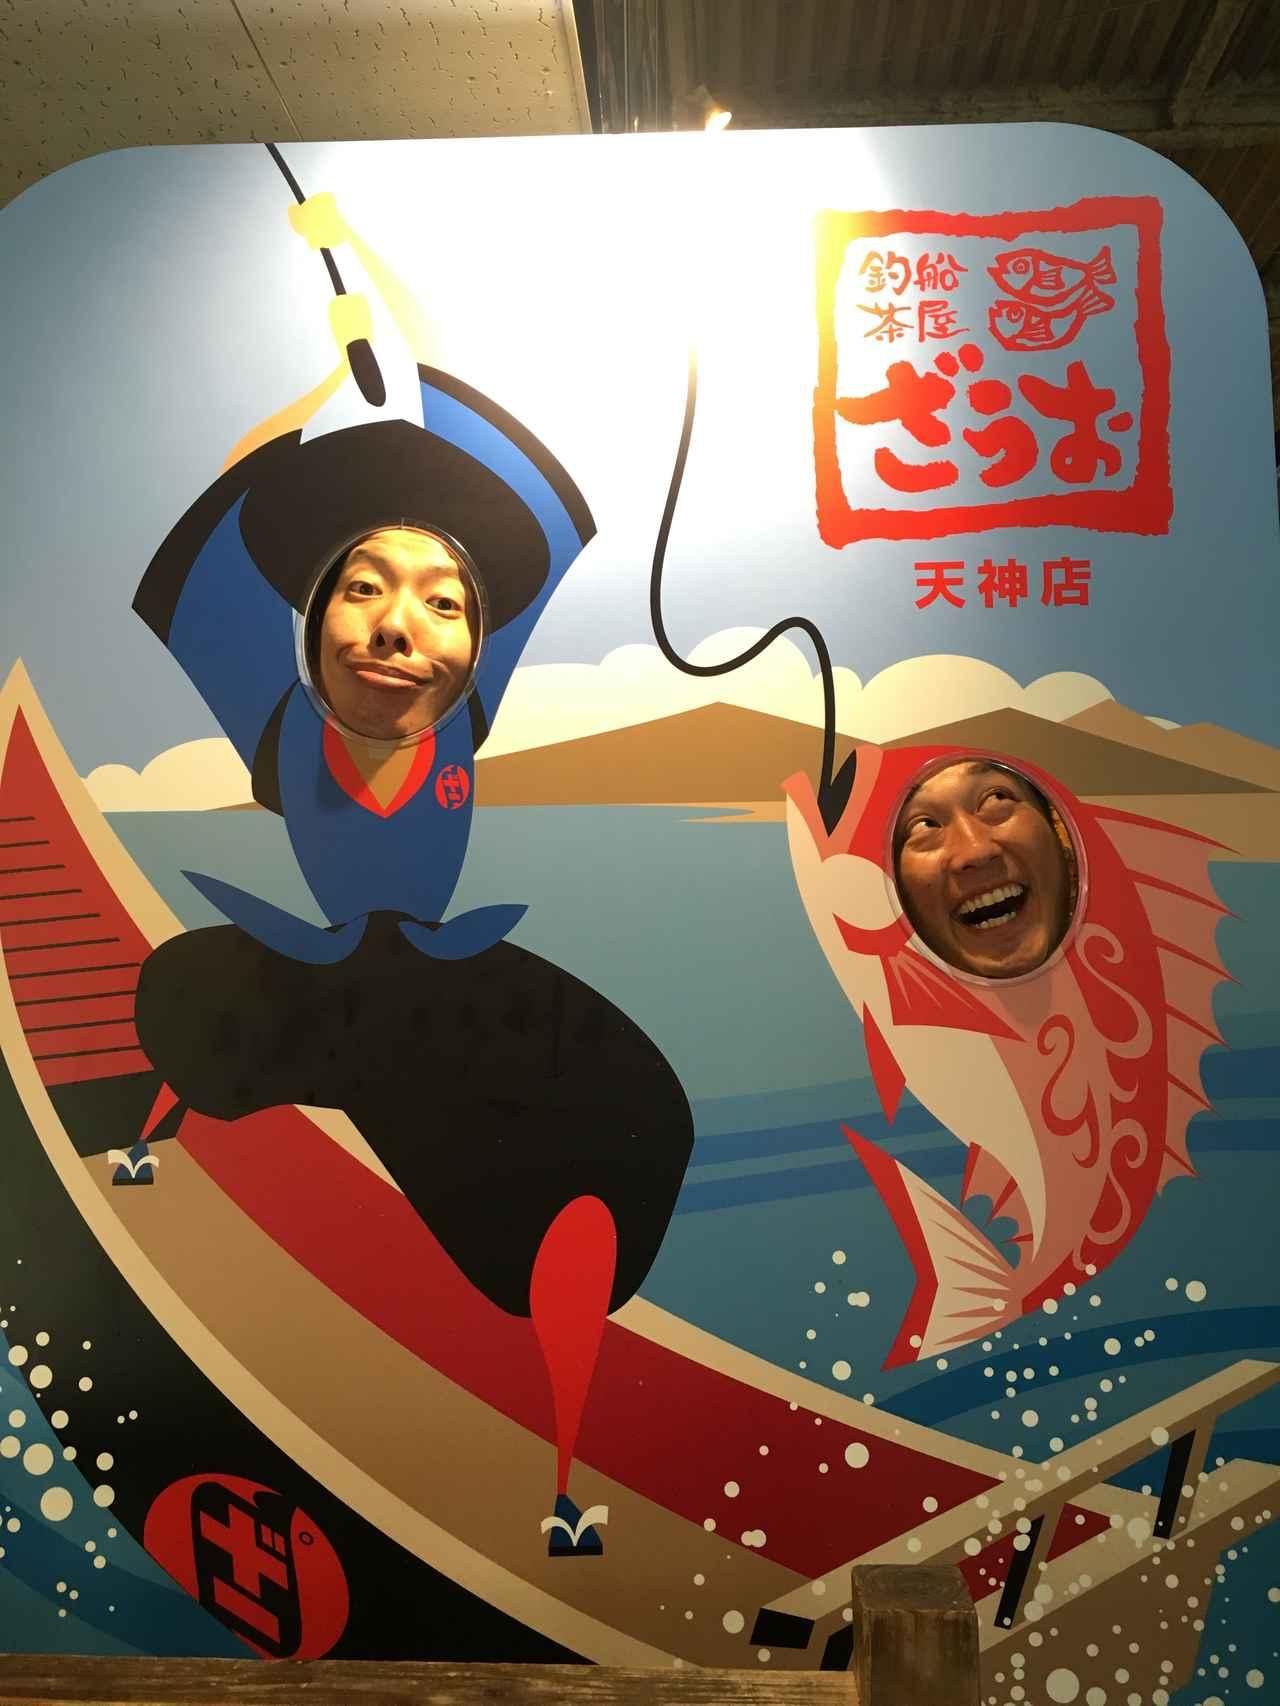 画像9: ☆藤崎マーケットの阪急交通社『博多満喫マーケット』